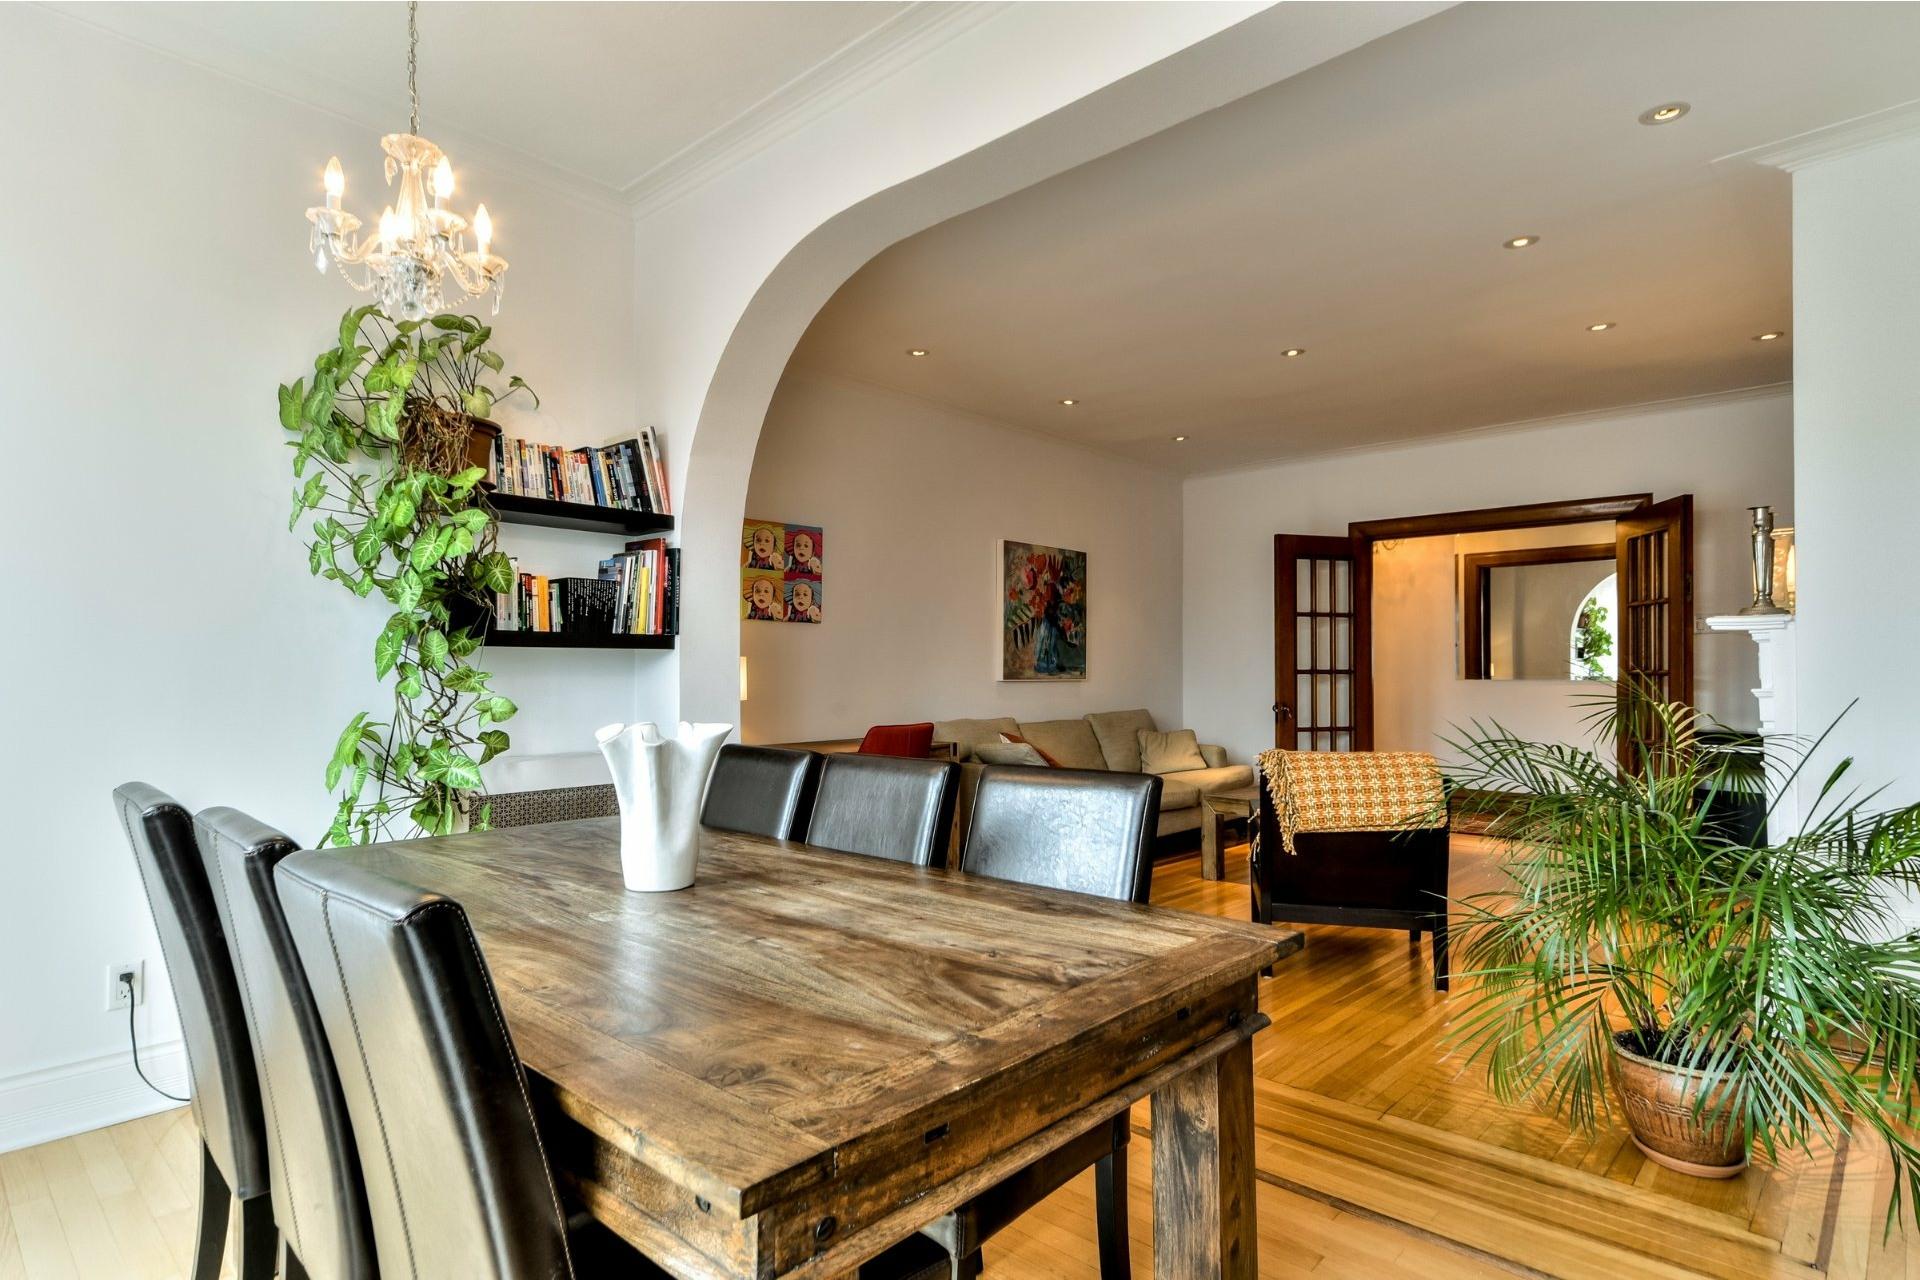 image 7 - Appartement À vendre Outremont Montréal  - 7 pièces